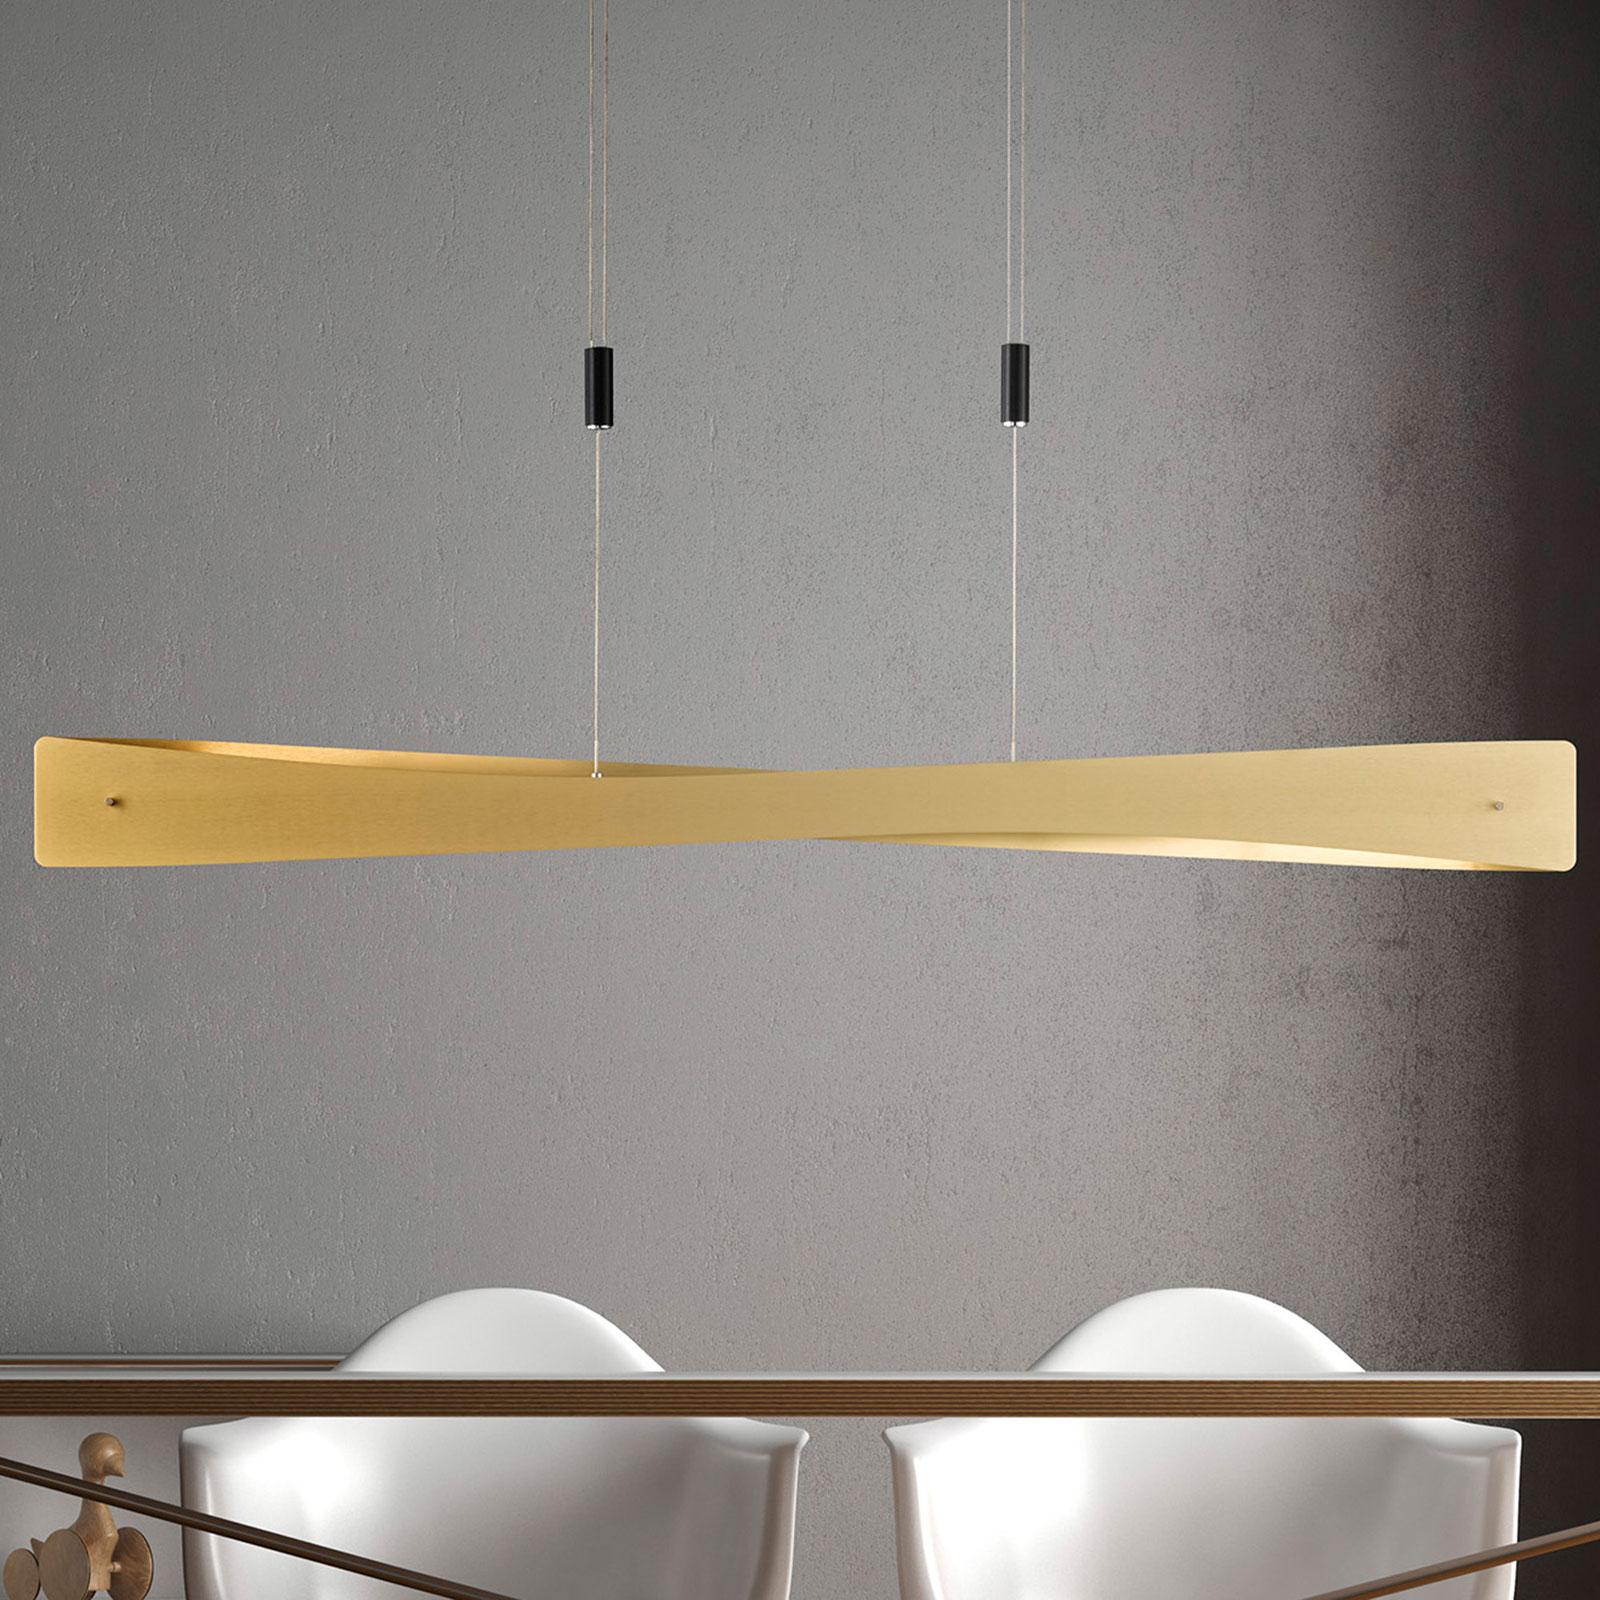 Acquista Lucande Lian sospensione LED ottone, nero